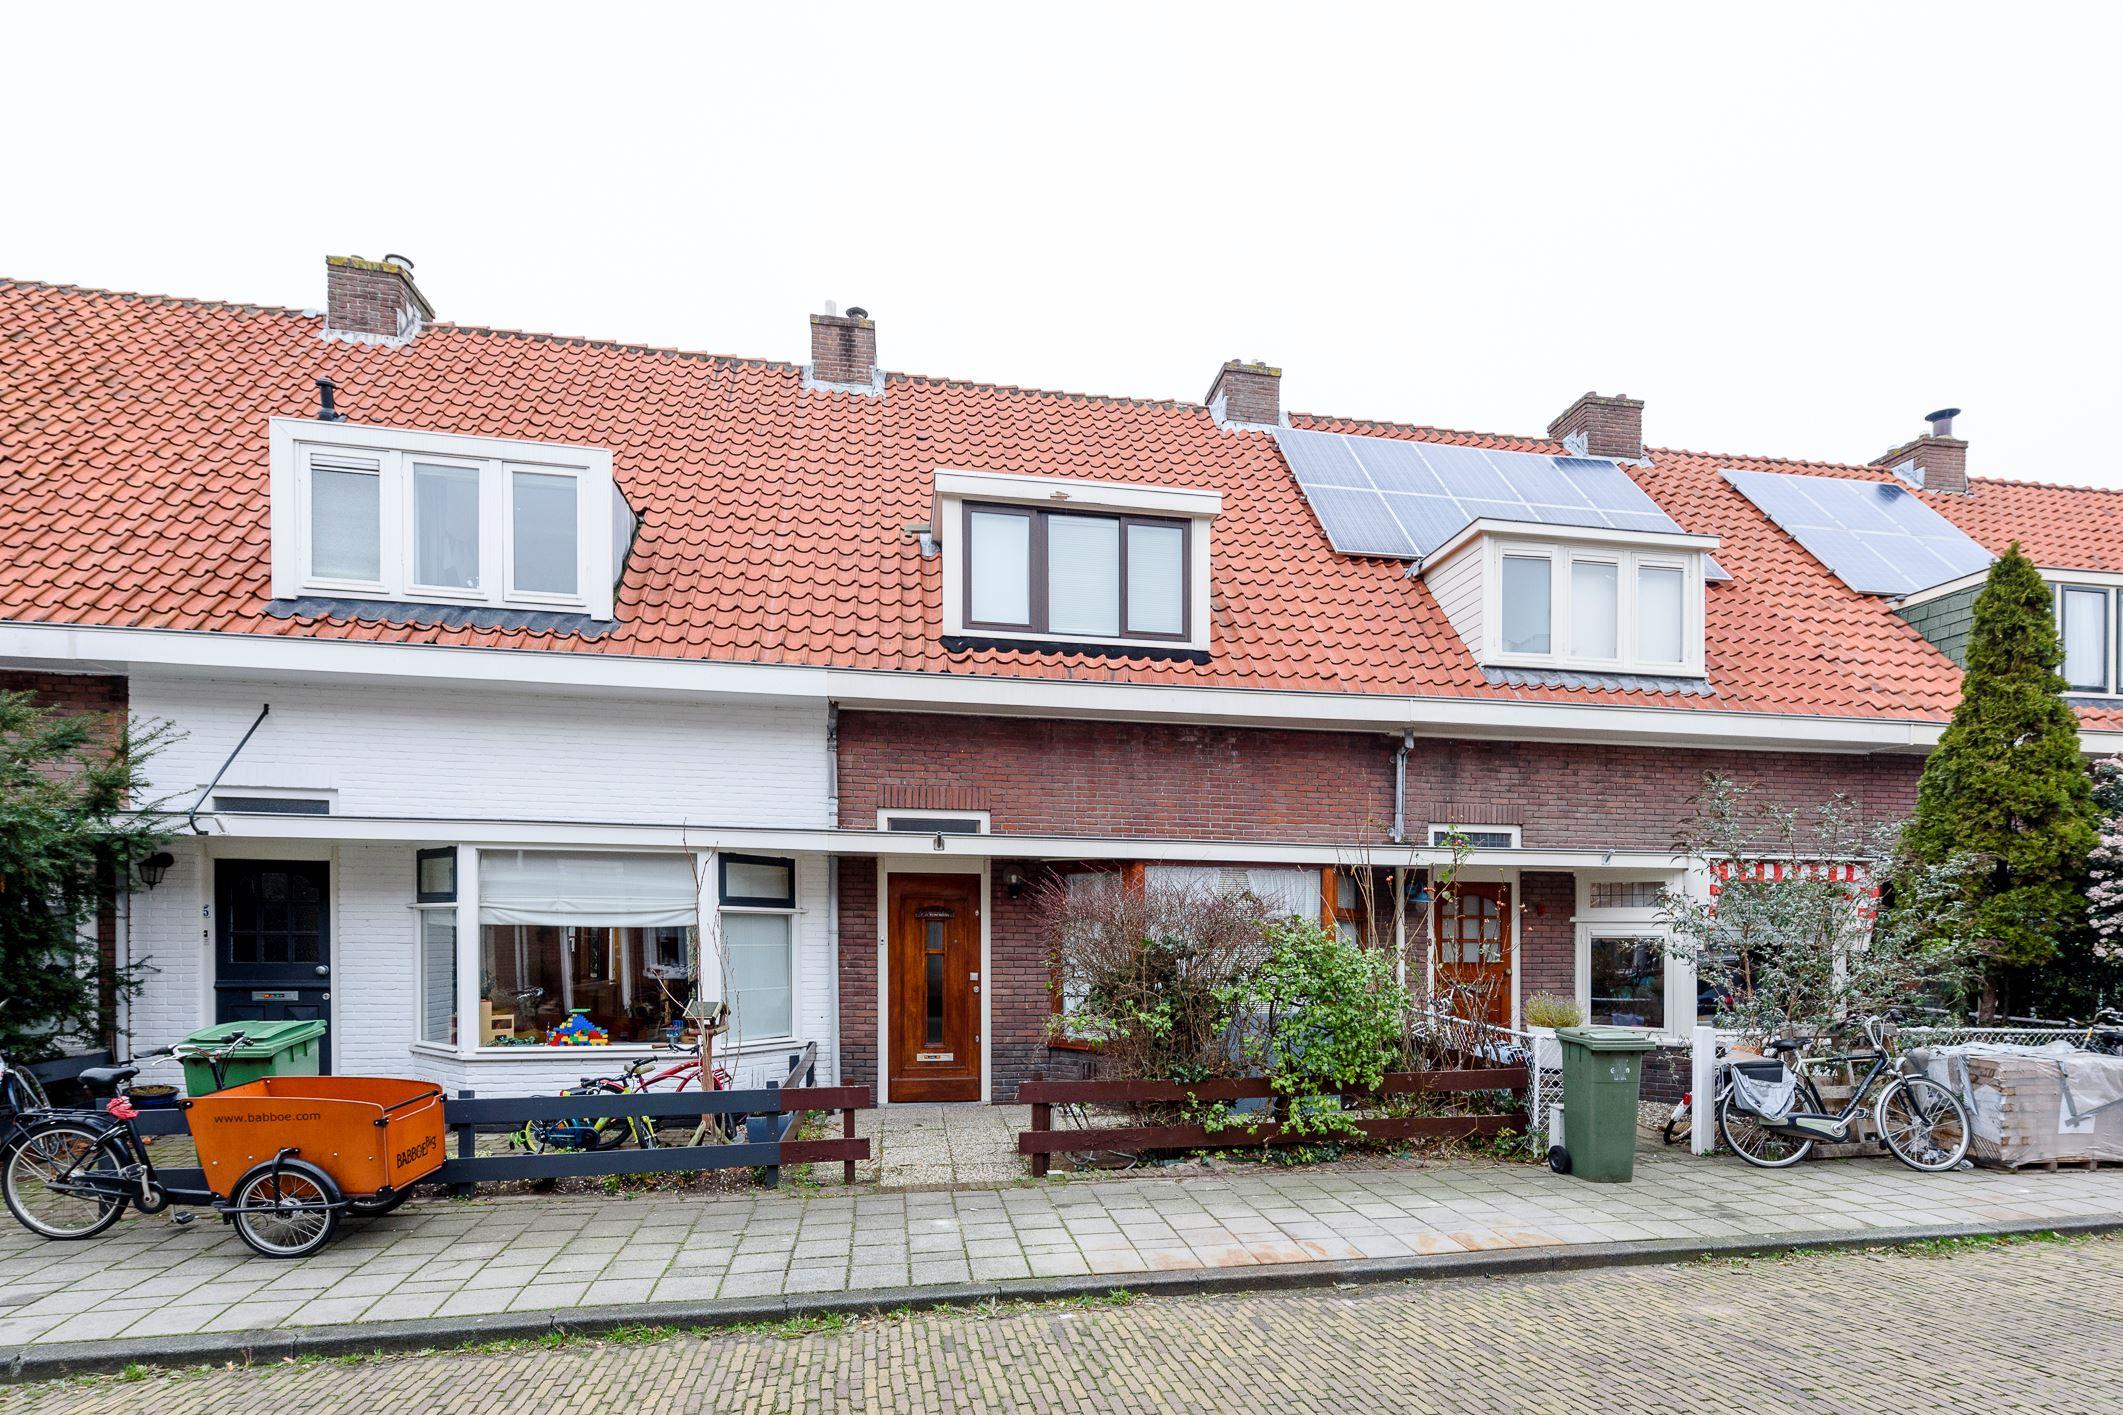 burgemeesterskwartier-te-zaanenkwartier-haarlem-noord-arbeiderswoning-hoeuffstraat